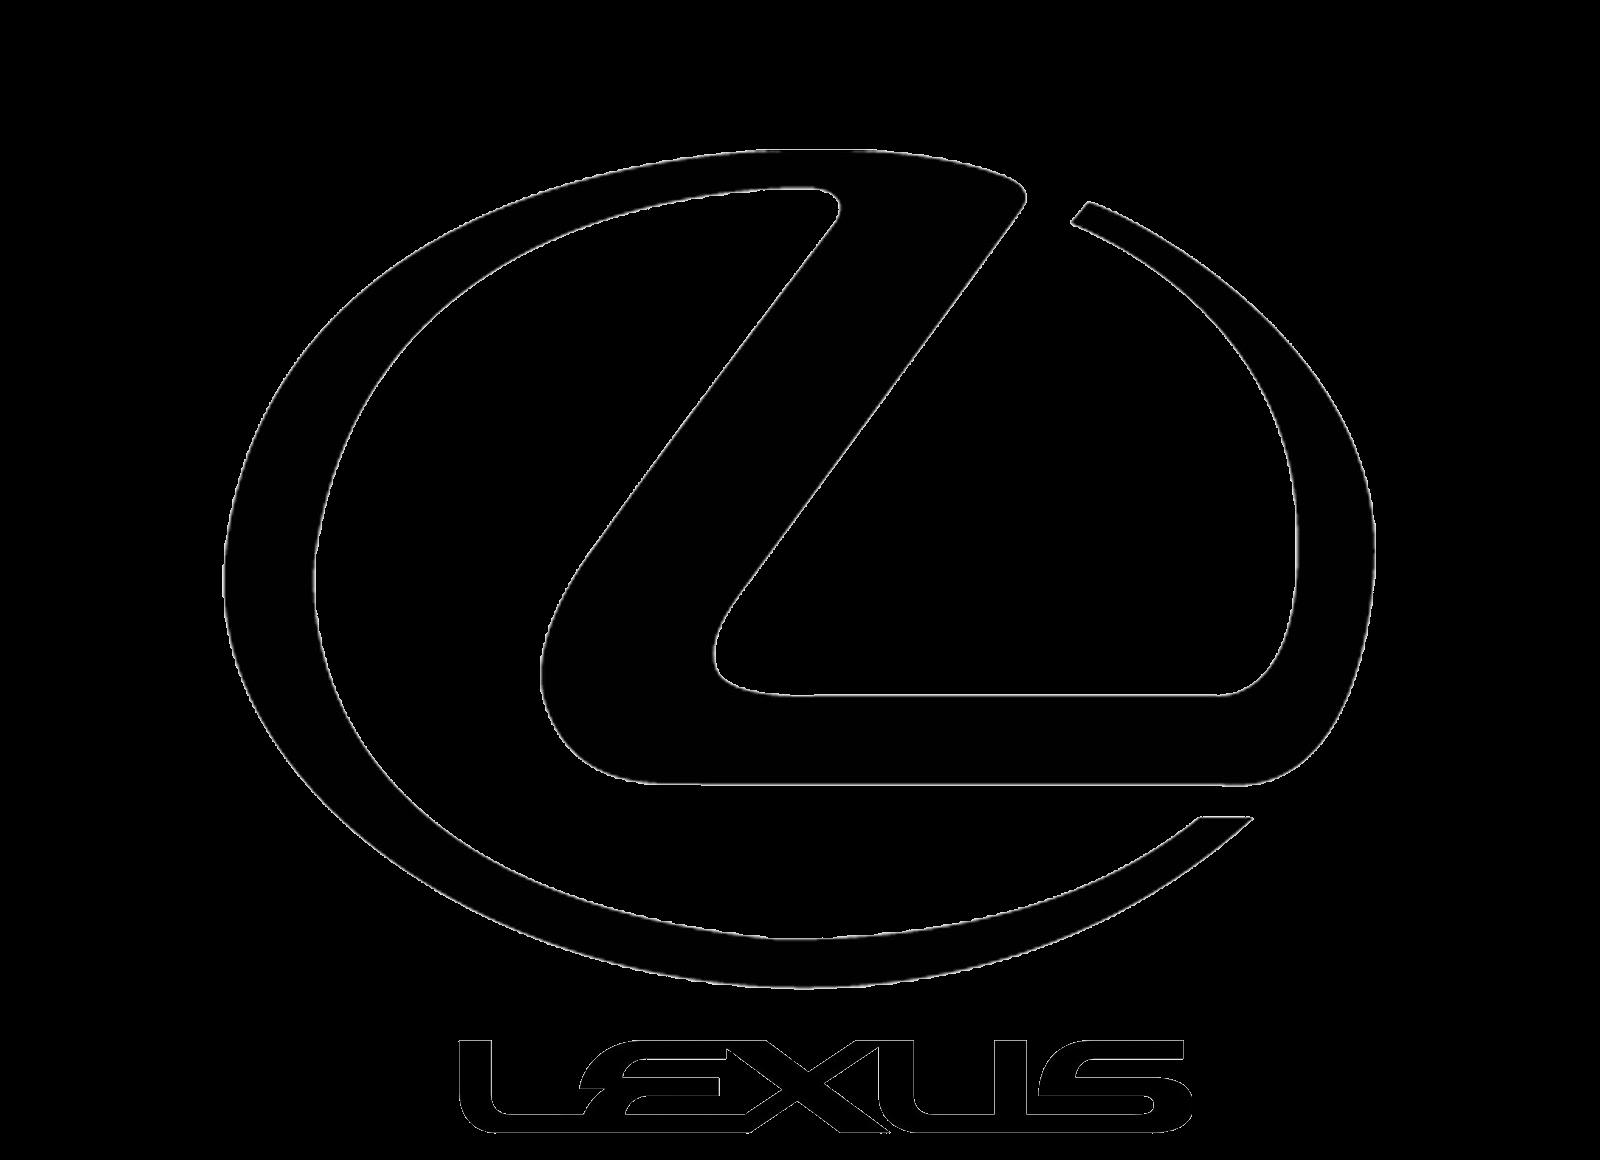 Lexus Logos PNG Image Lexus logo, Car logos, Lexus